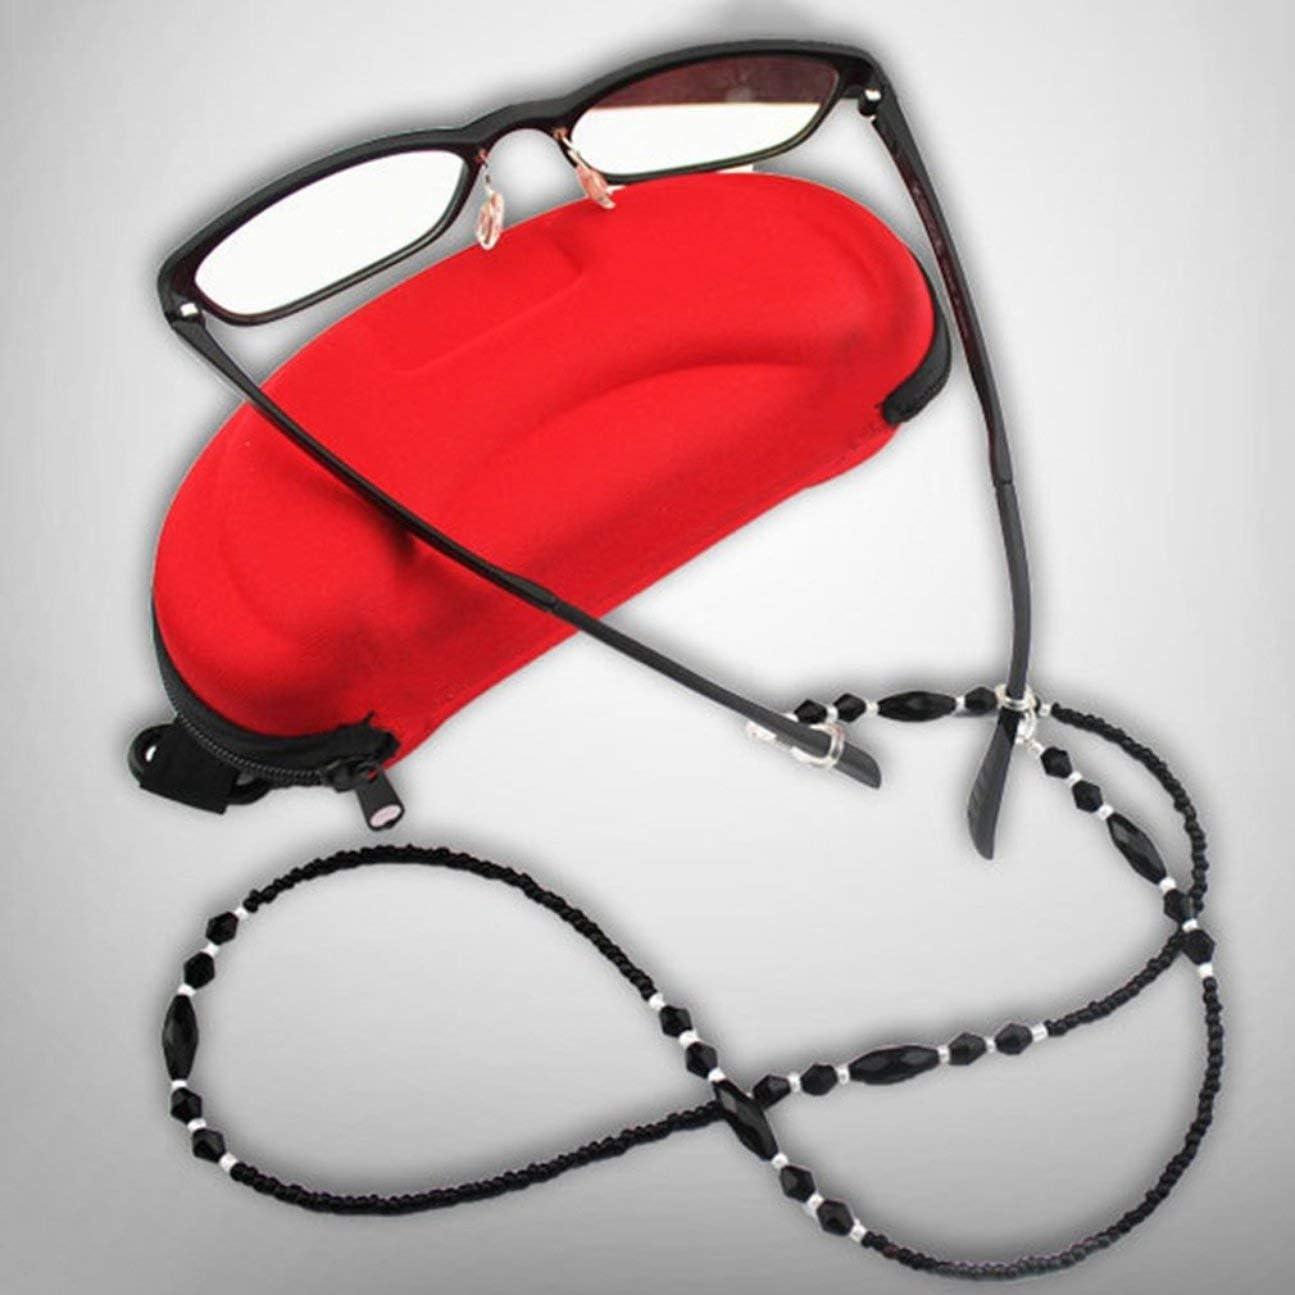 MachinYeseed Frauen Mode Brillenketten Schwarz Acryl Perlen Ketten Anti-Rutsch-Brillen Kabelhalter Umh/ängeband Lesebrille Seil Farbe: schwarz